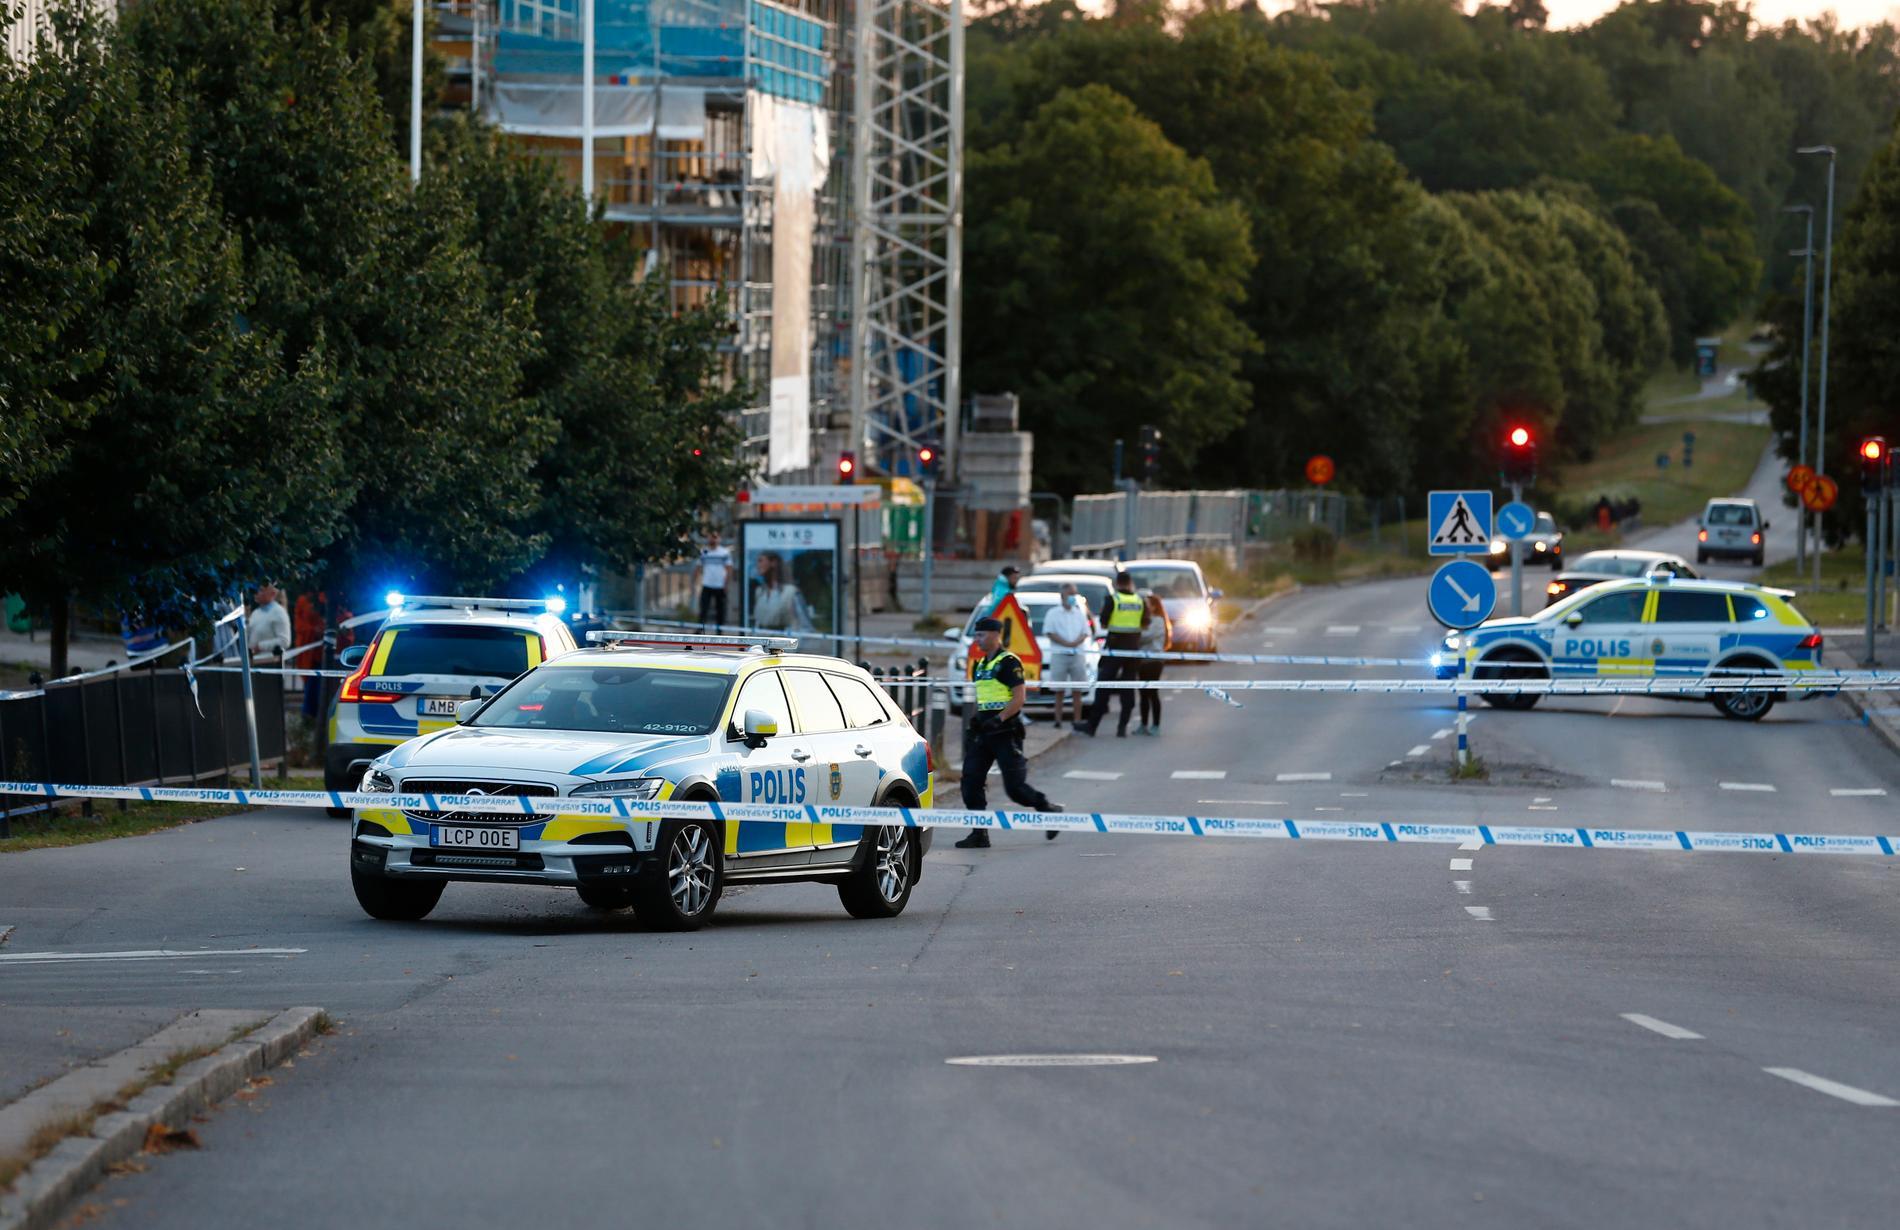 Avspärrningar vid Berga centrum i Linköping där två tonårspojkar skottskadades på torsdagskvällen.